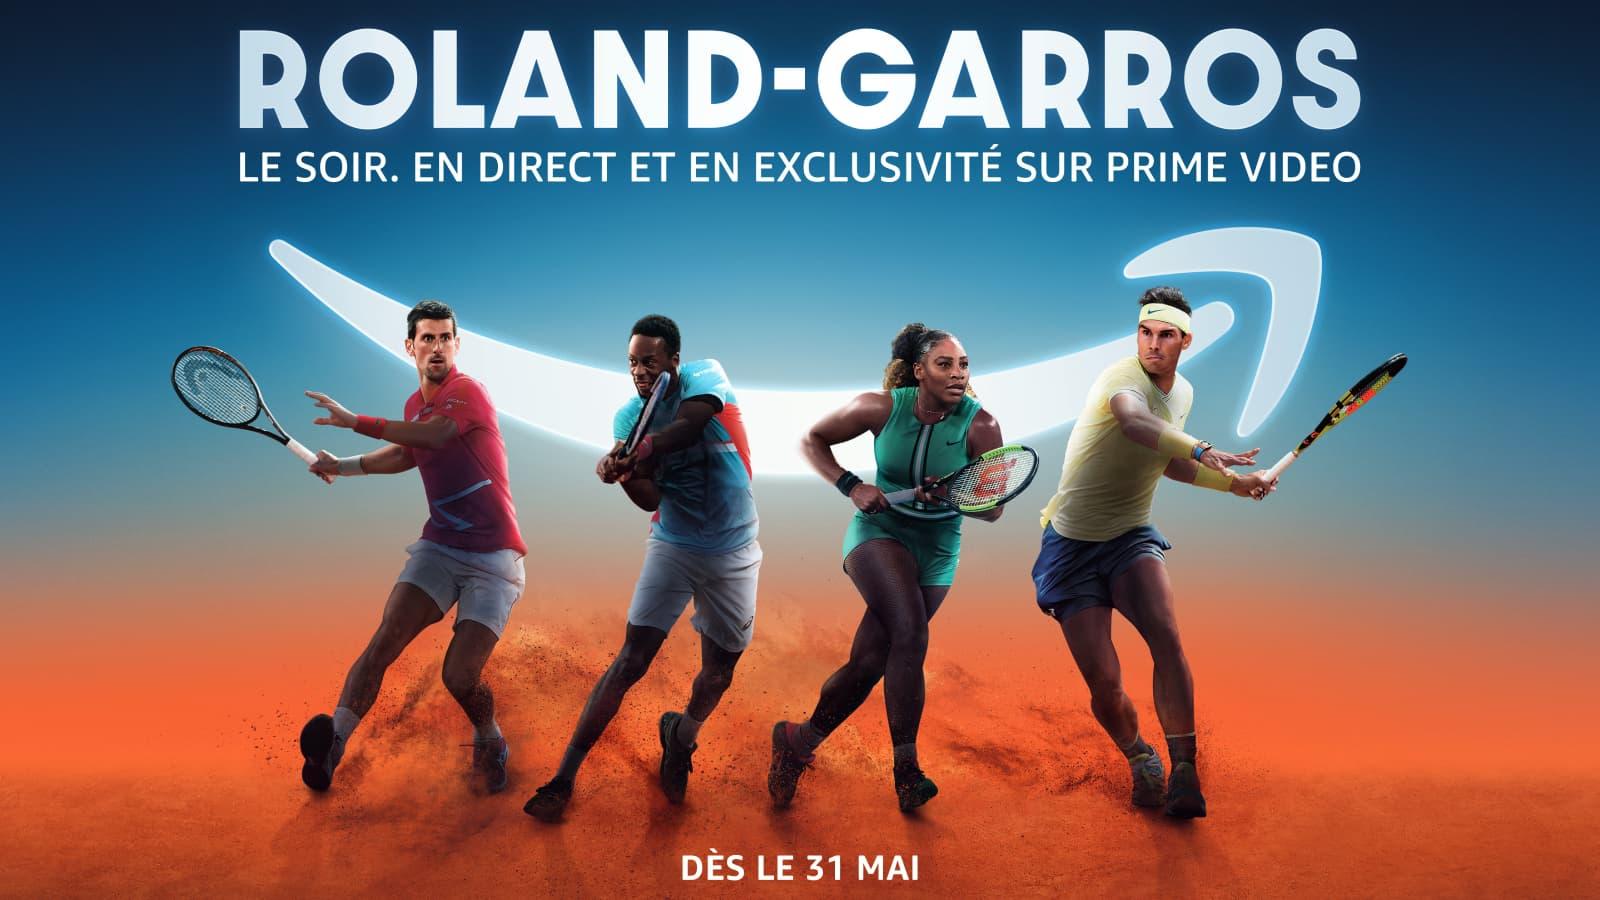 Réservez vos soirées pour Roland-Garros sur Prime Video